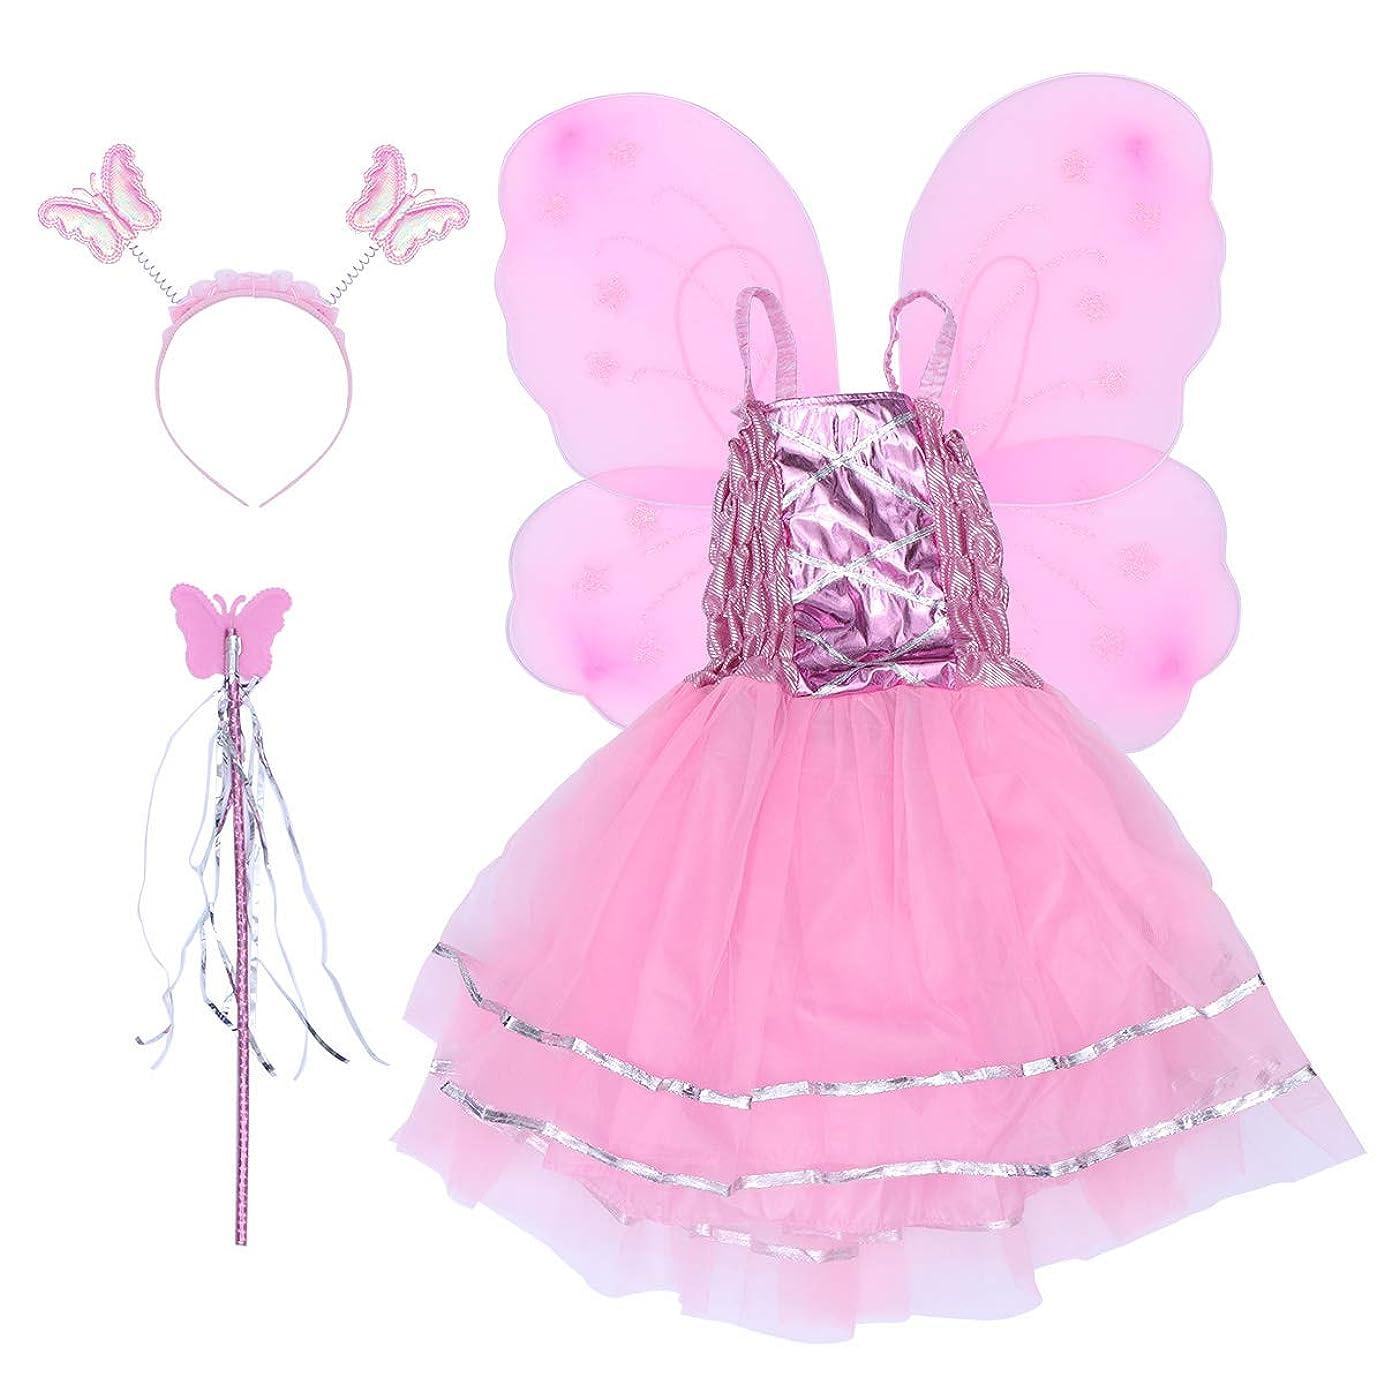 重荷磁気ビーチBESTOYARD 4本の女の子バタフライプリンセス妖精のコスチュームセットバタフライウィング、ワンド、ヘッドバンドとツツードレス(ピンク)